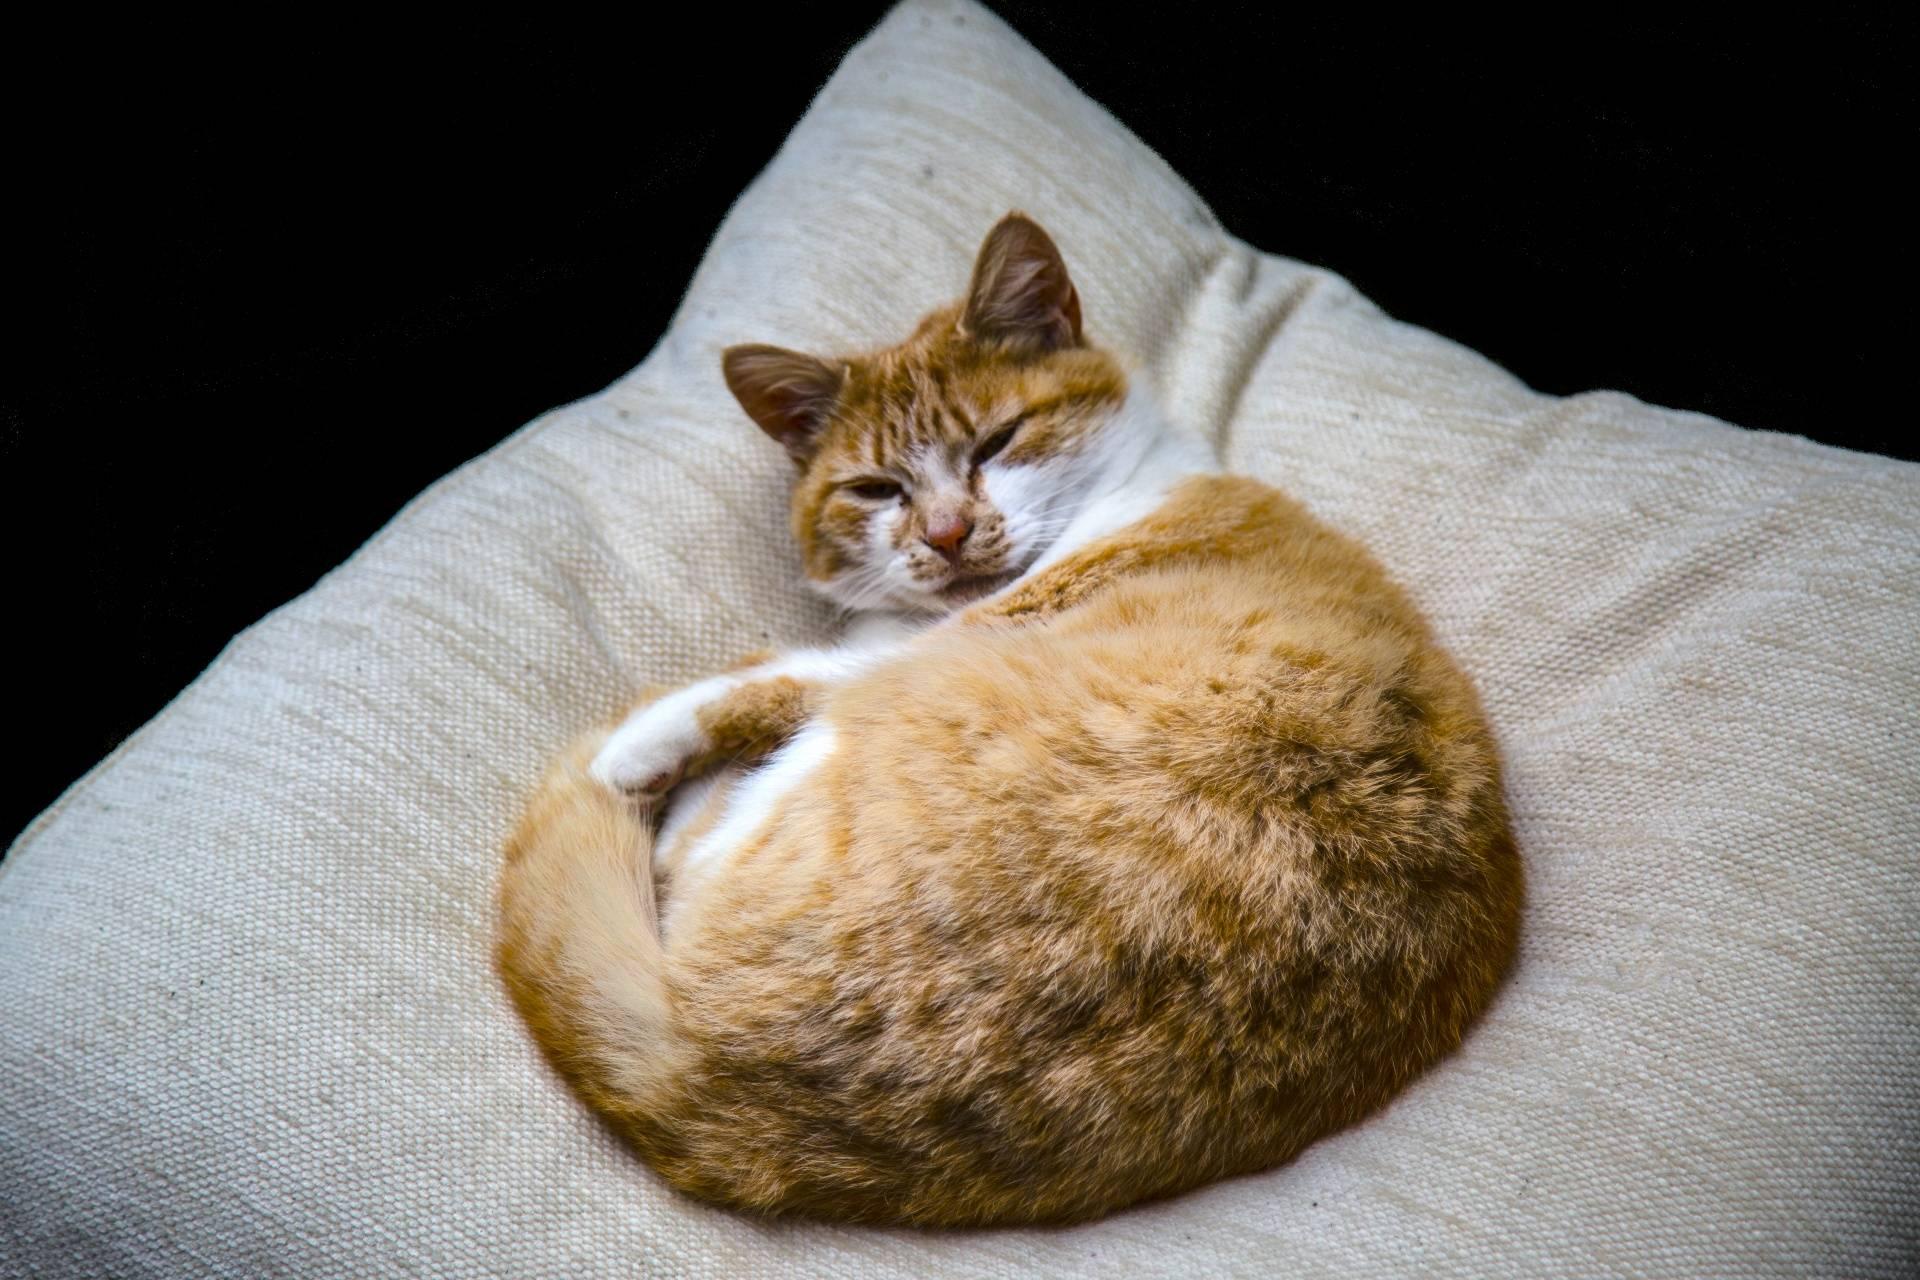 Кот спит на кровати или столе: что говорят приметы, можно ли кошке лежать в постели хозяев?